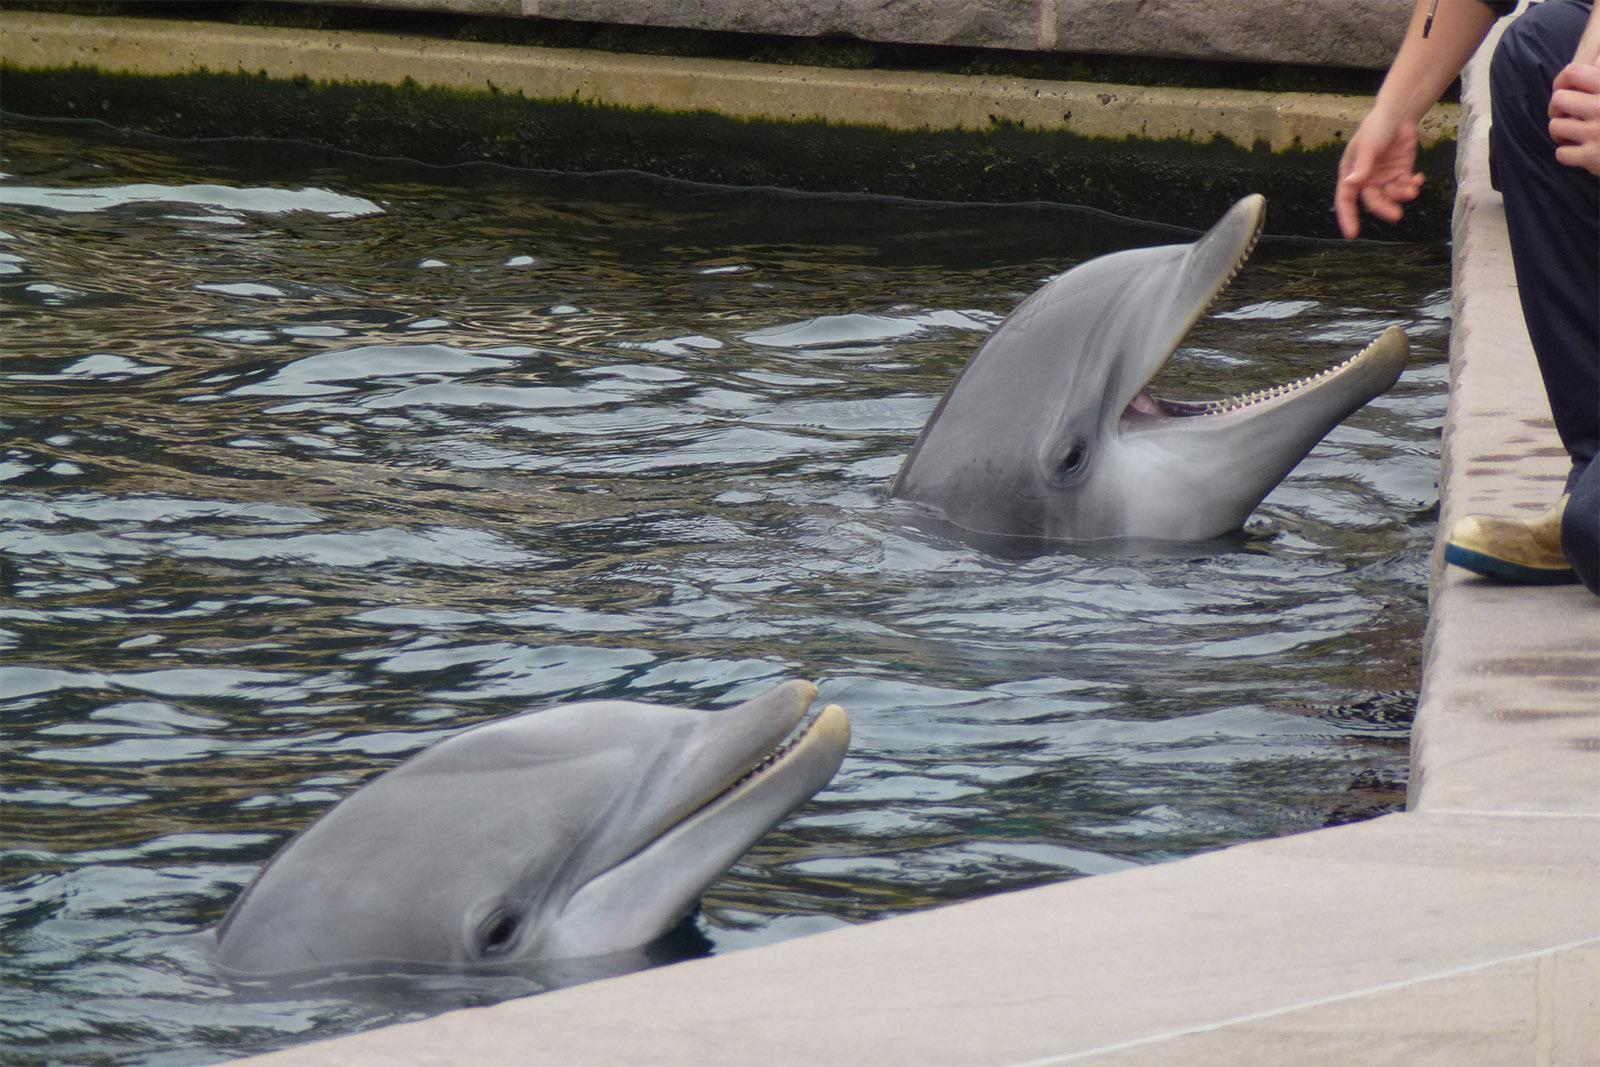 Delfine aus Meereszoos in Auffangstationen umsiedeln – jetzt helfen!